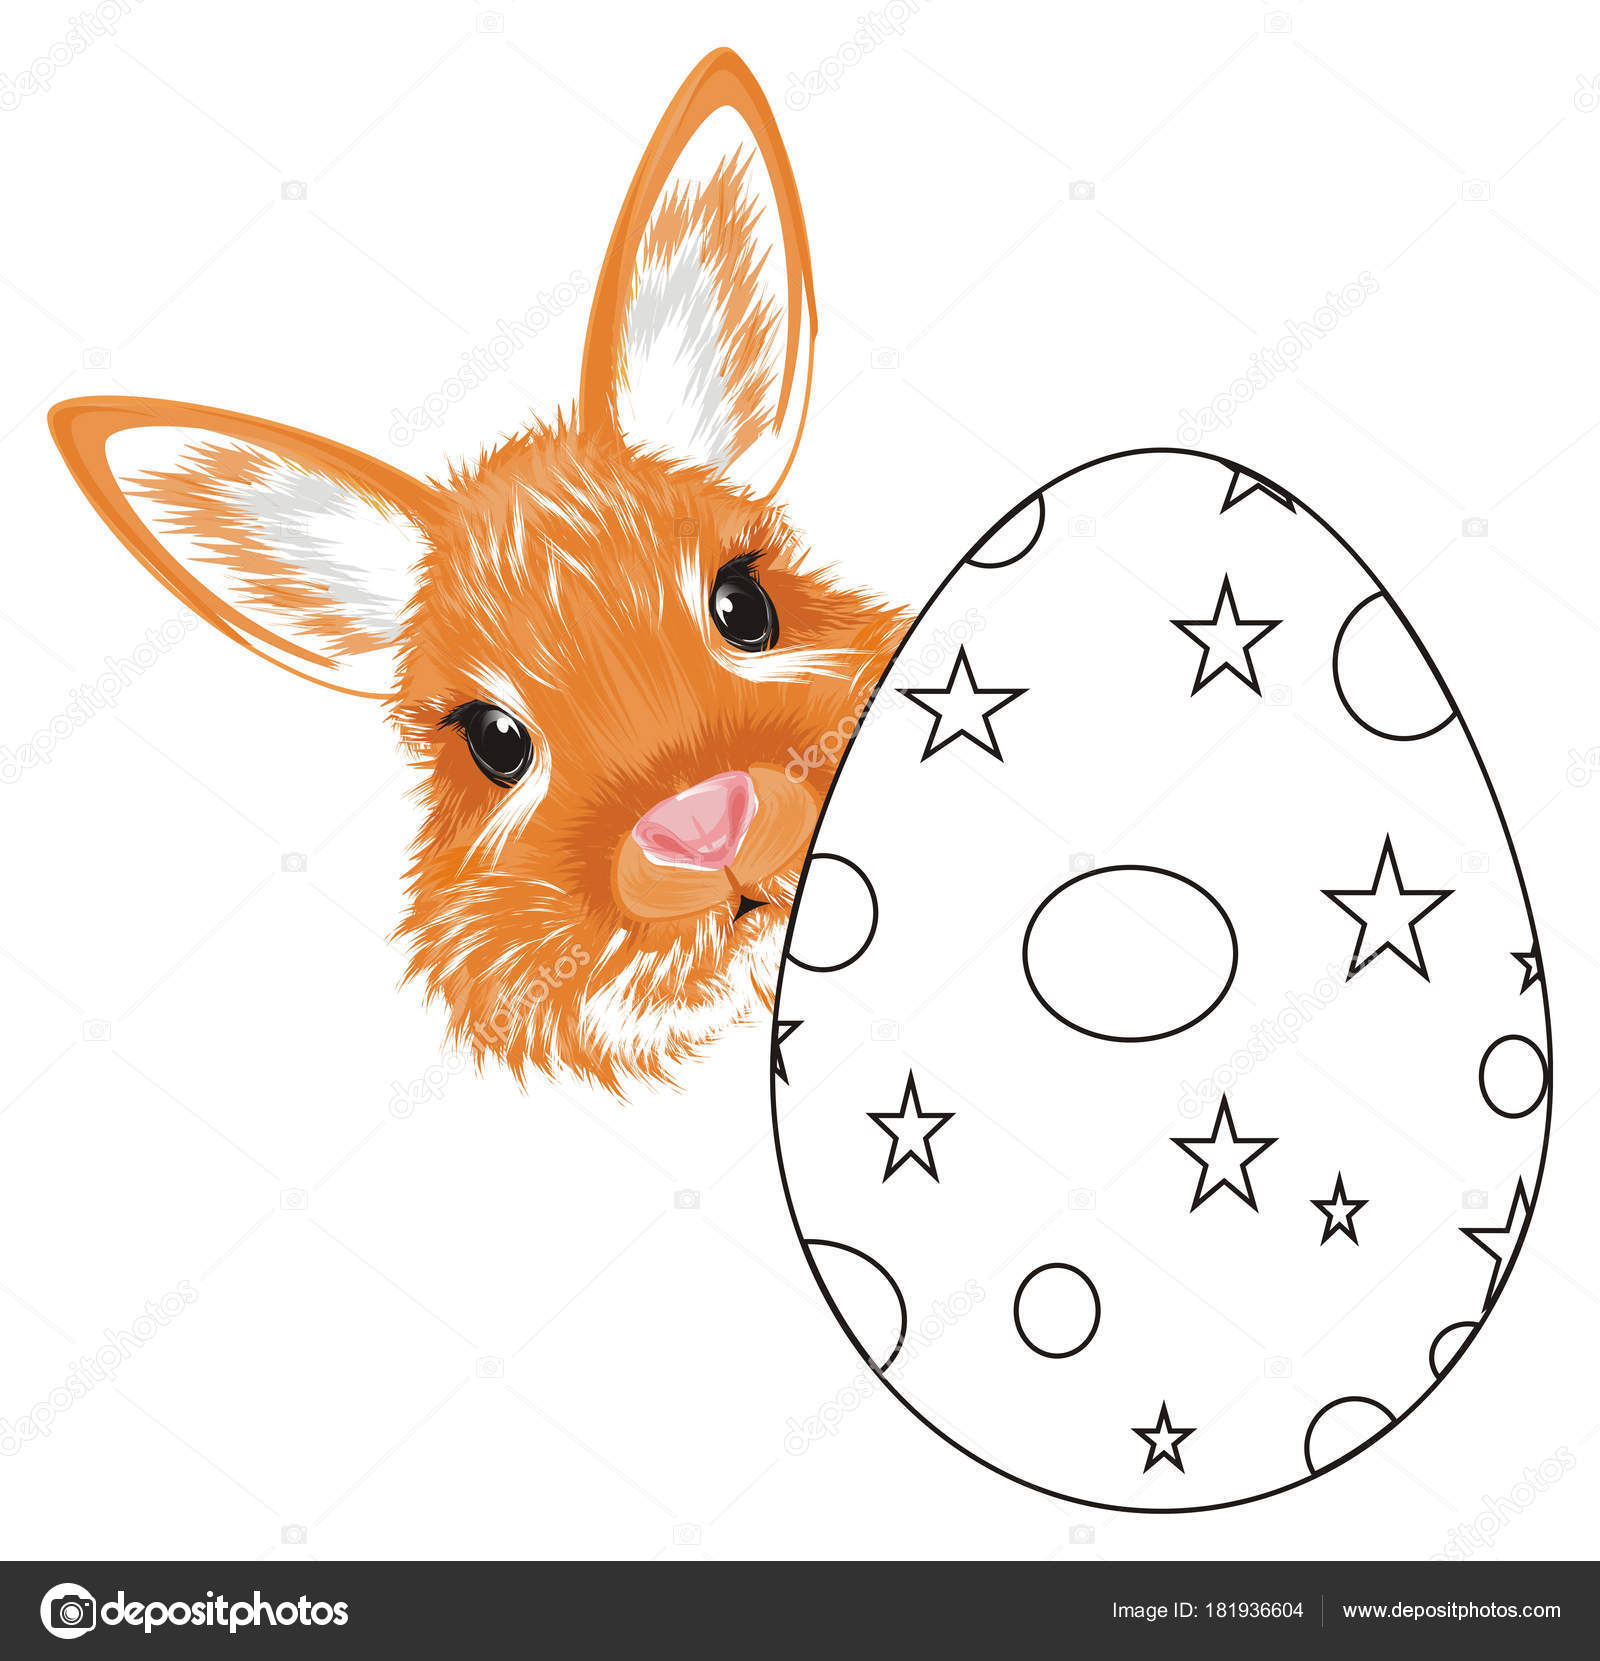 Kleurplaten Dieren Uit Een Ei.Snuit Van Oranje Bunny Stok Uit Uit Het Kleurplaten Stockfoto